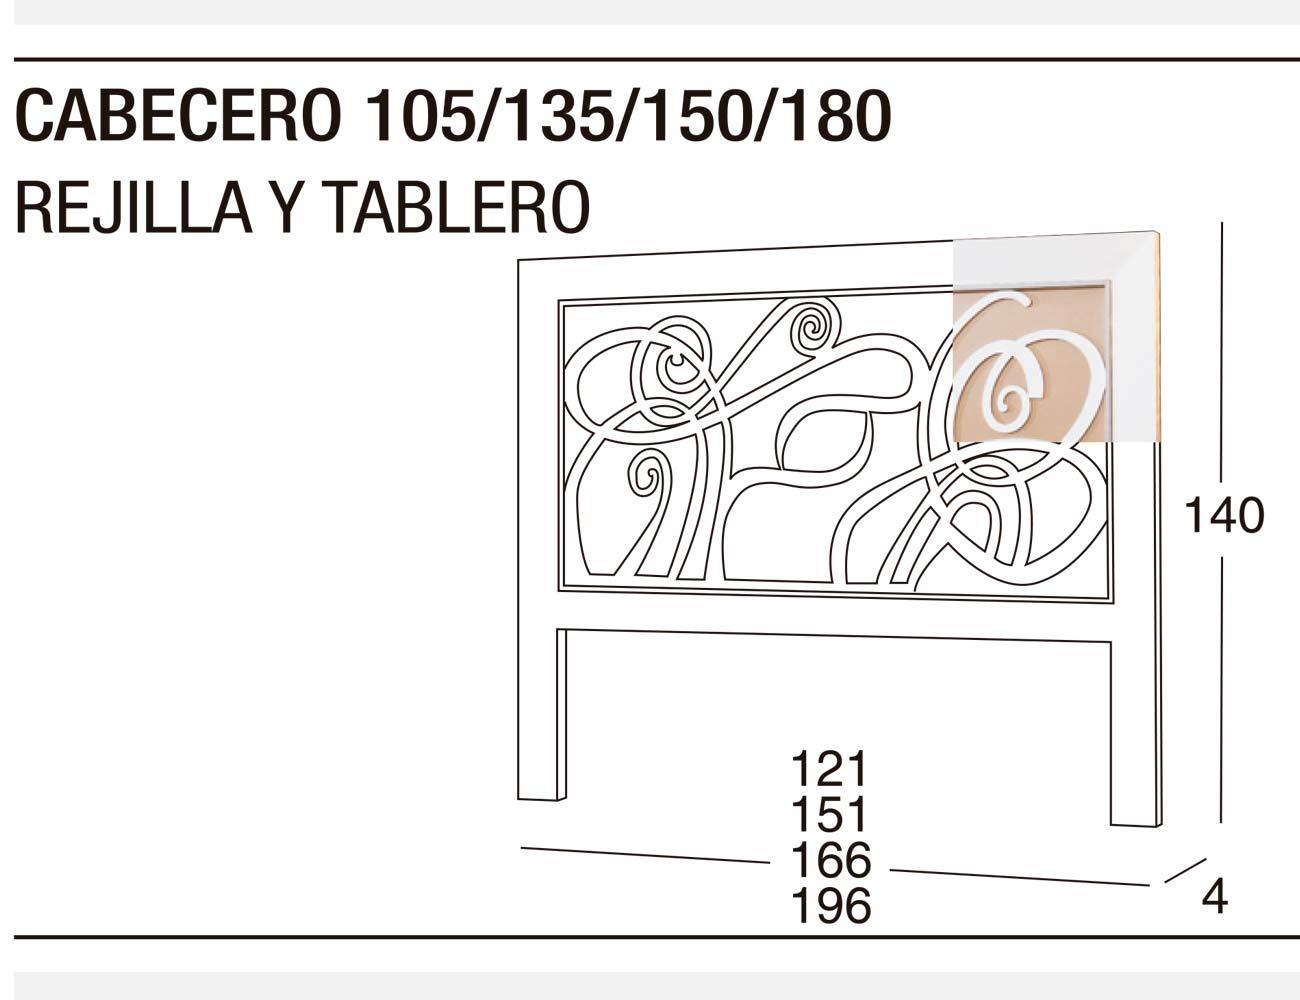 Cabecero 135 150 rejilla tablero